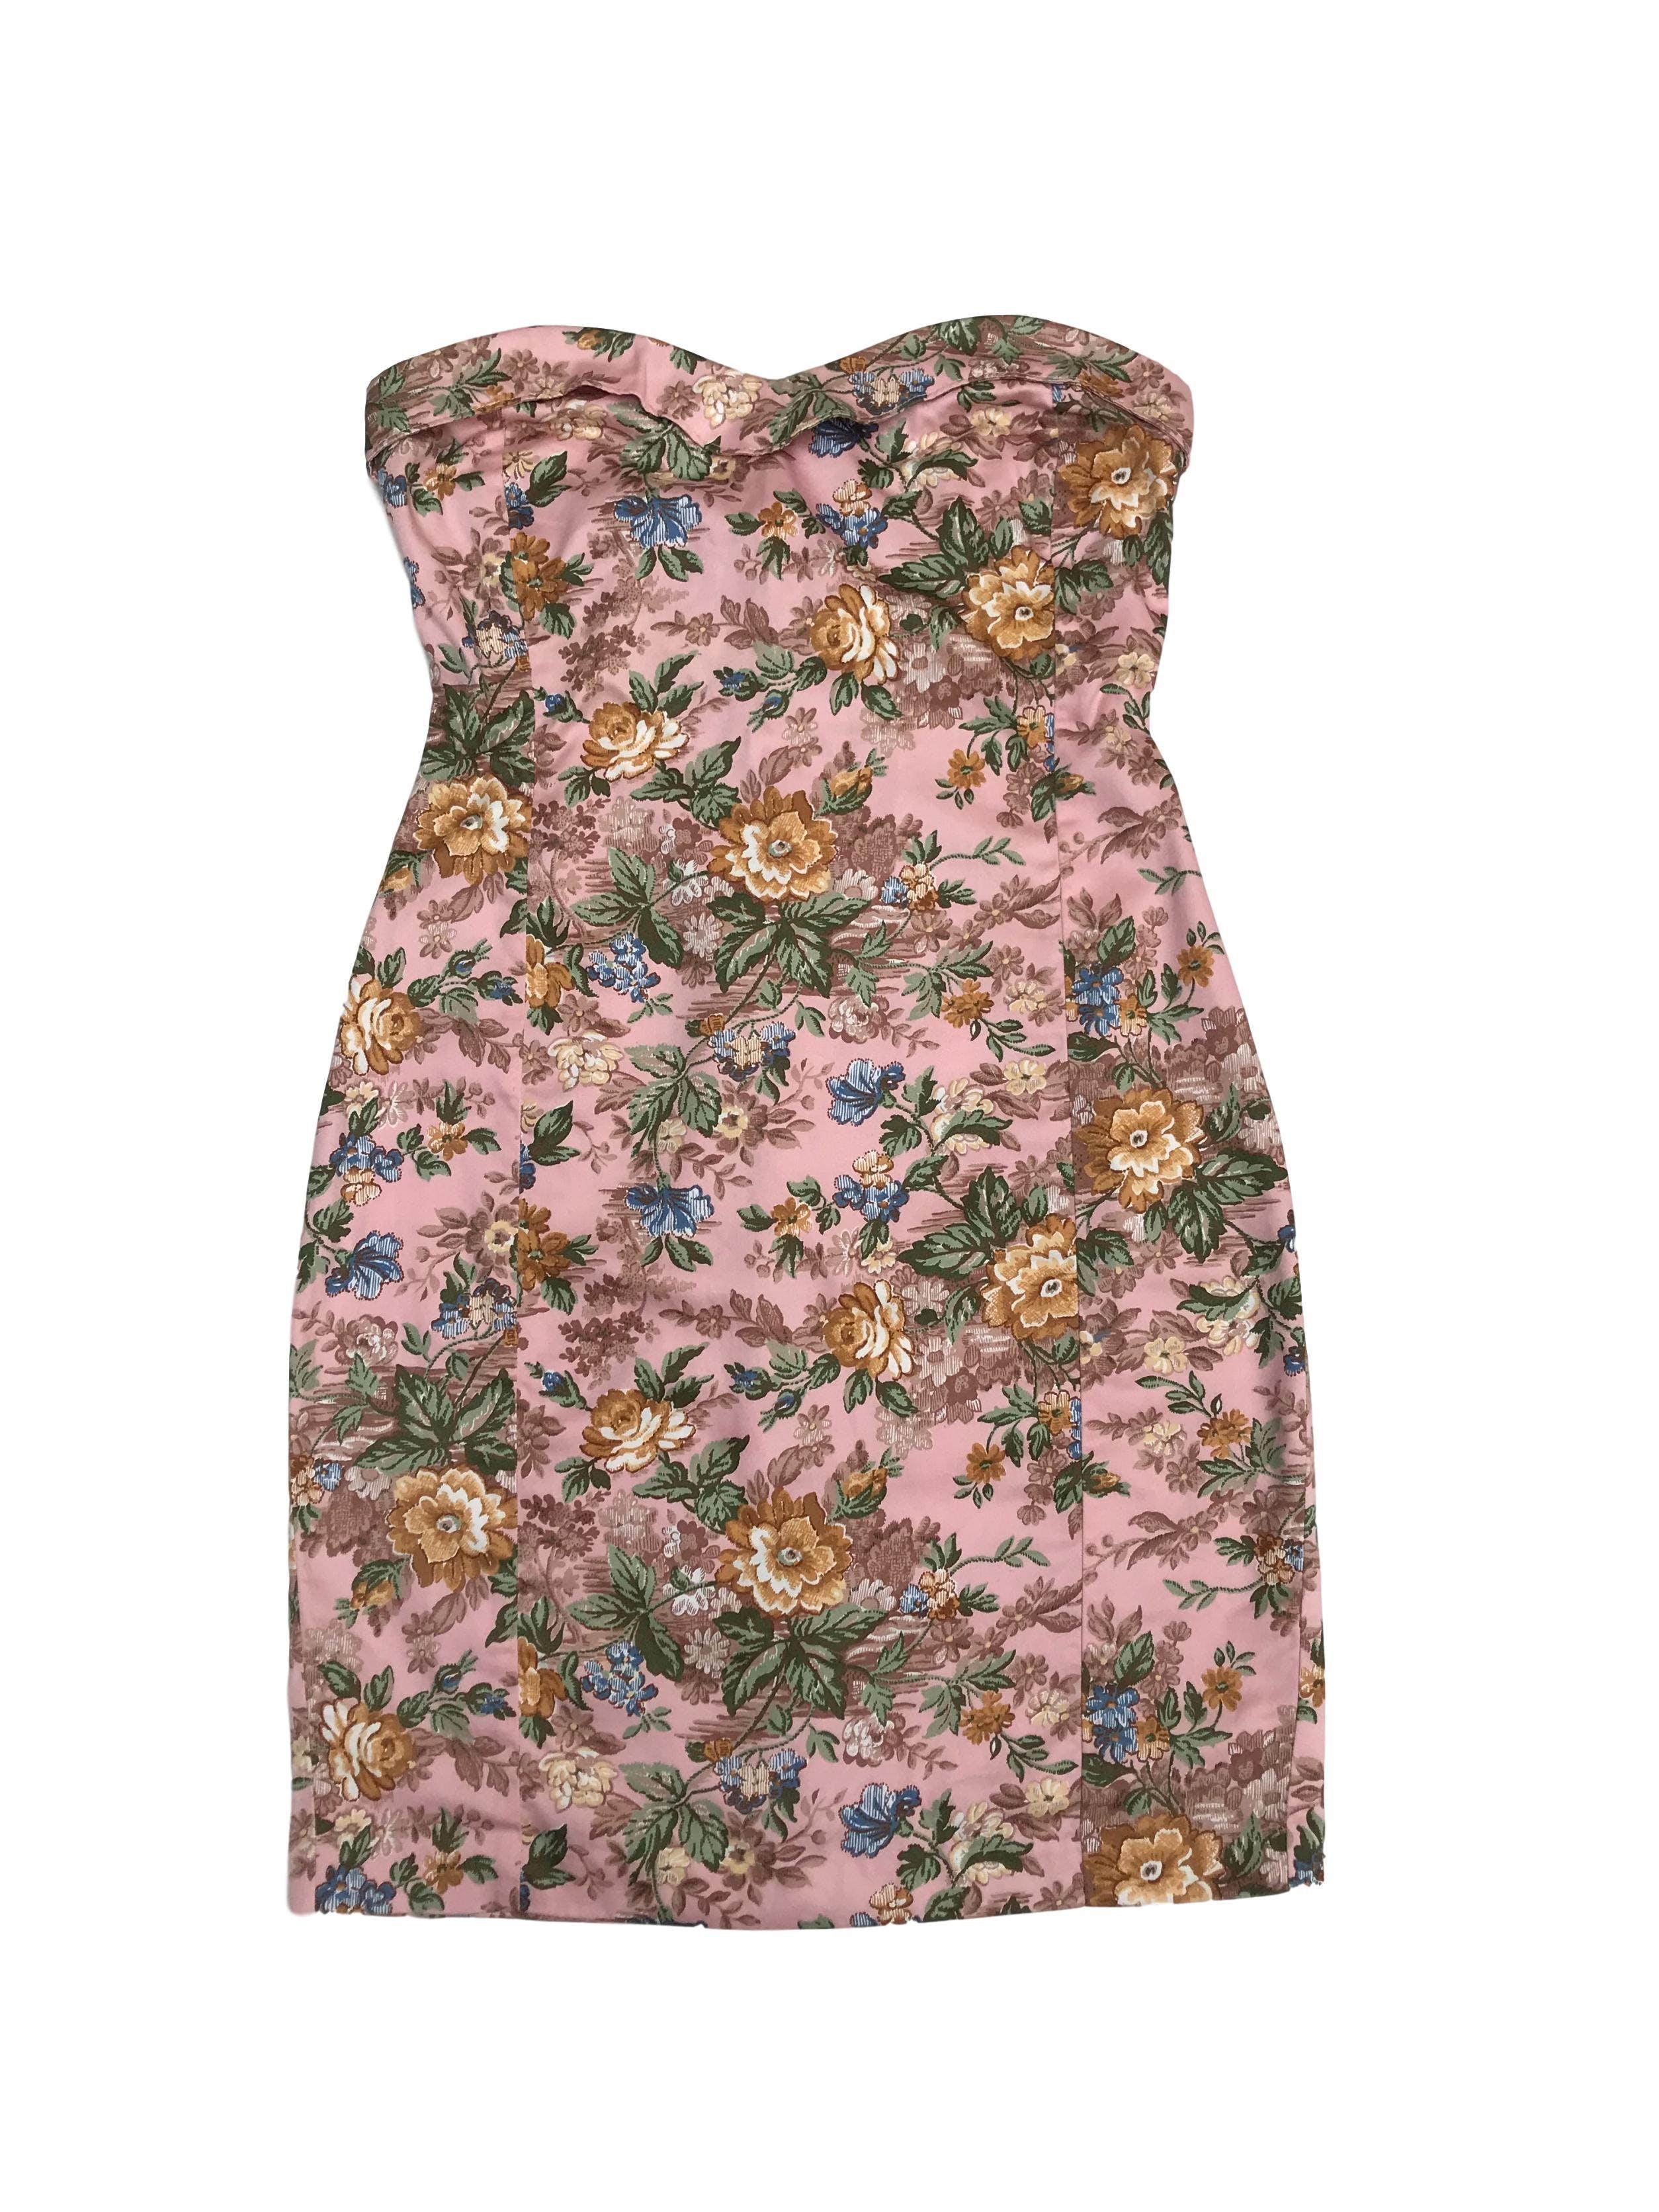 Vestido strapless Basement rosa con estampado floral 100% algodón, con cierre posterior. Busto 84cm Cintura 70cm Largo desde sisa 68cm